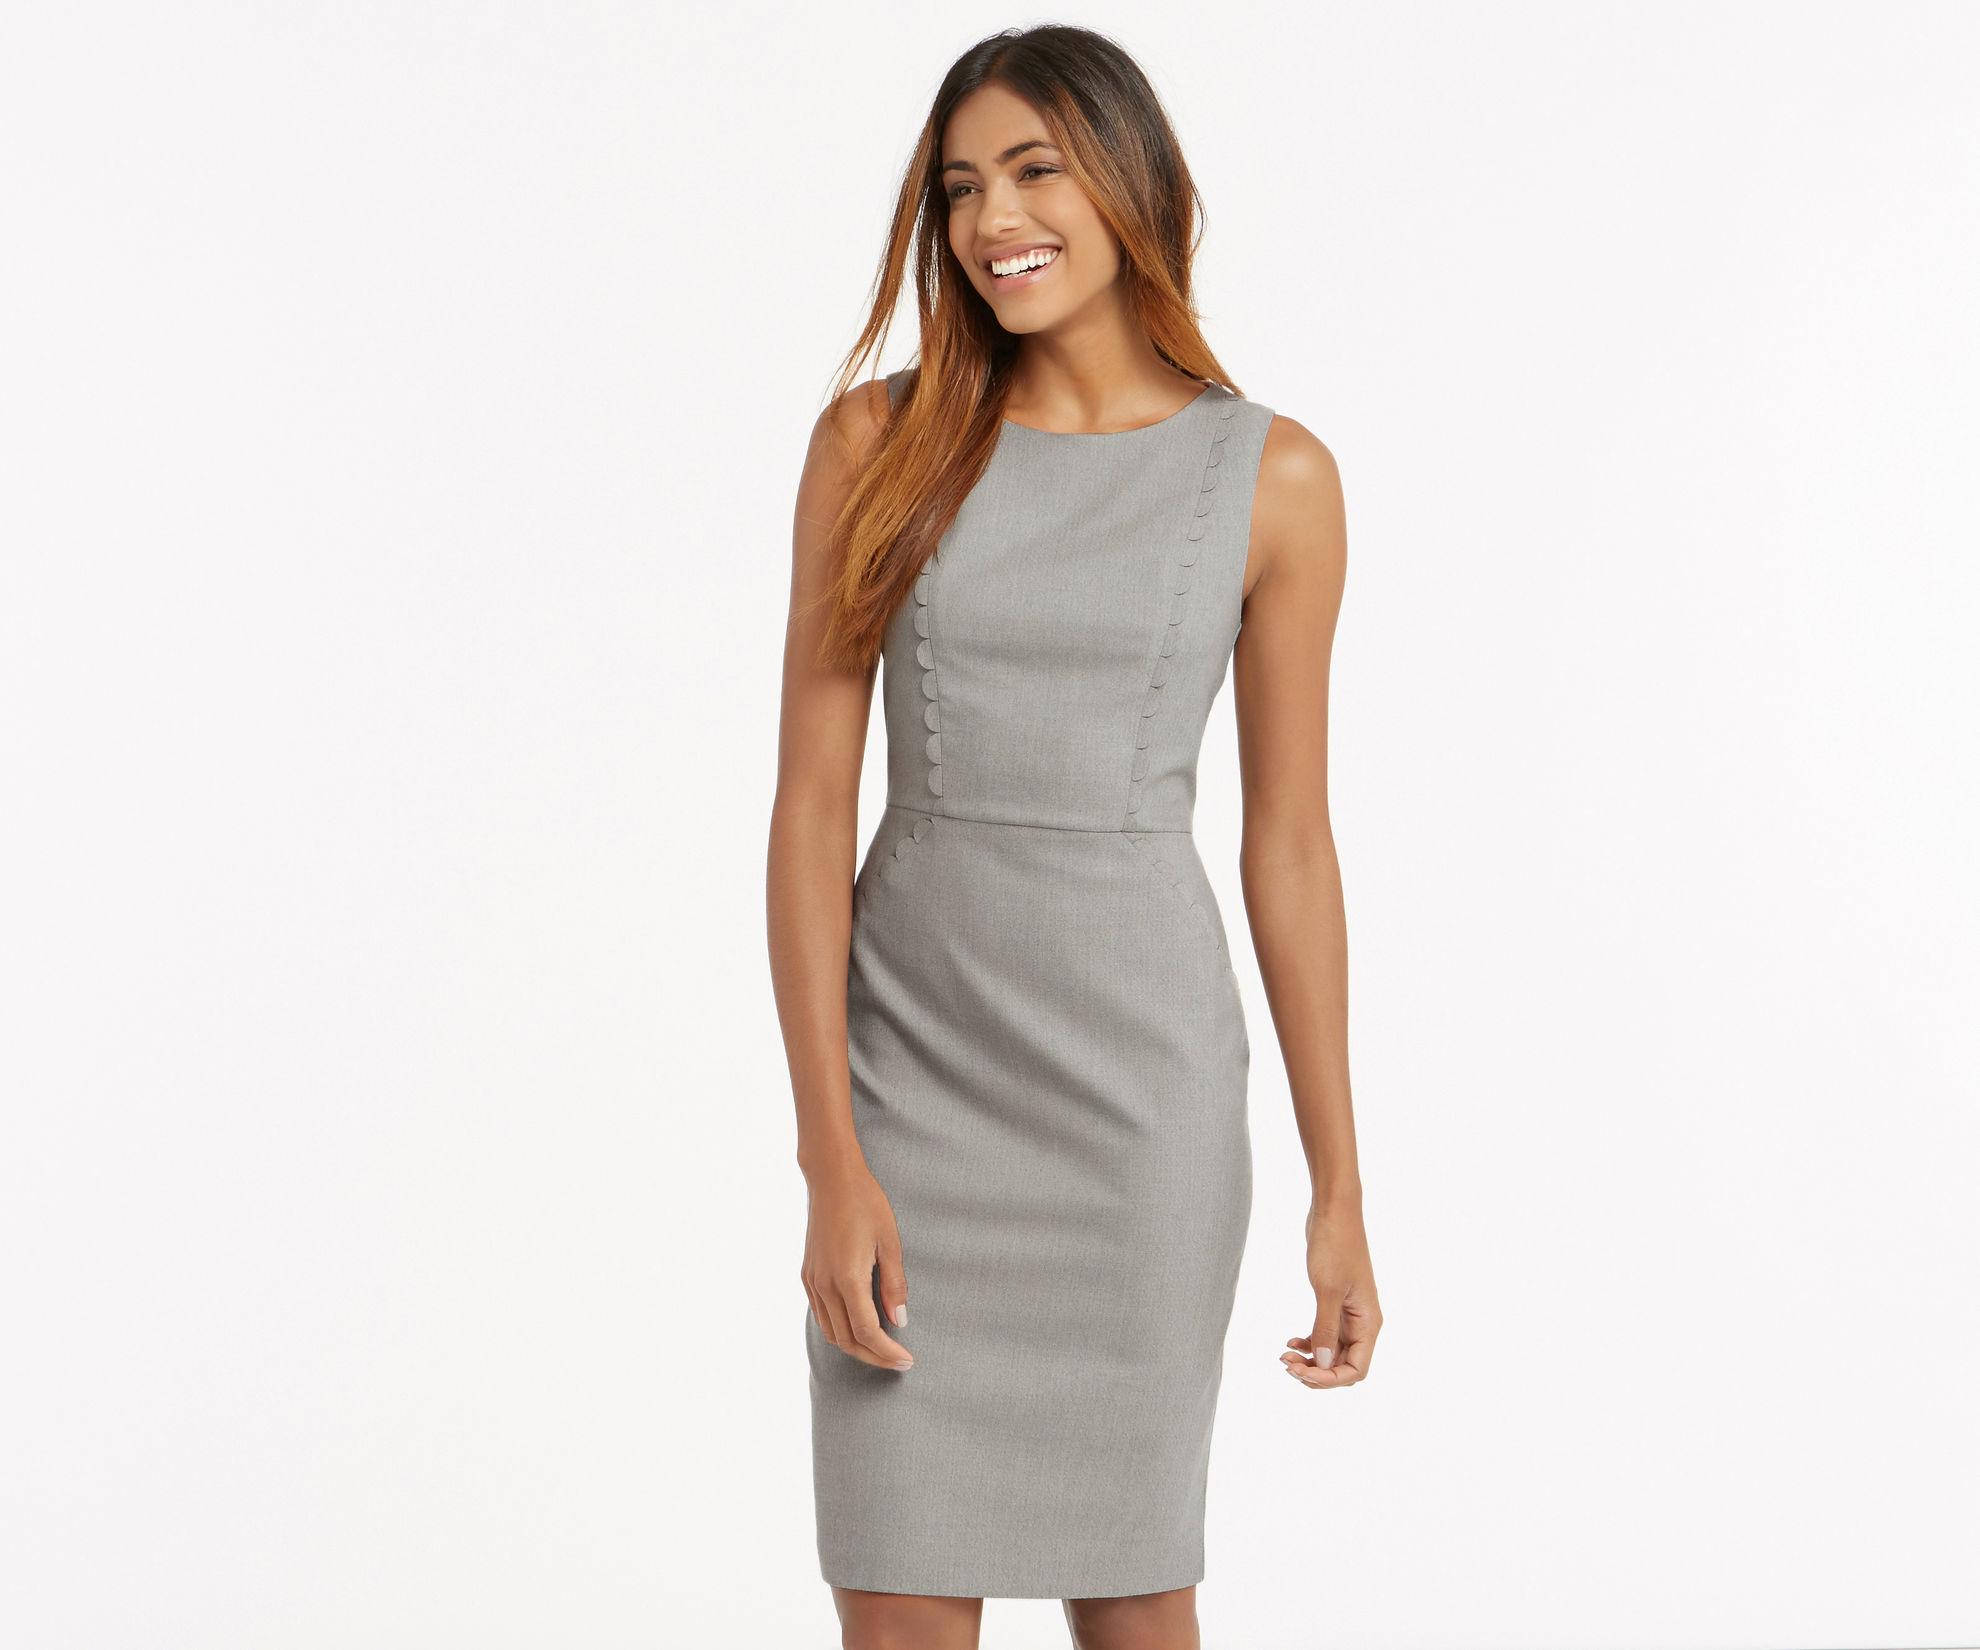 8 платьев,которые должны быть в гардеробе каждой женщины